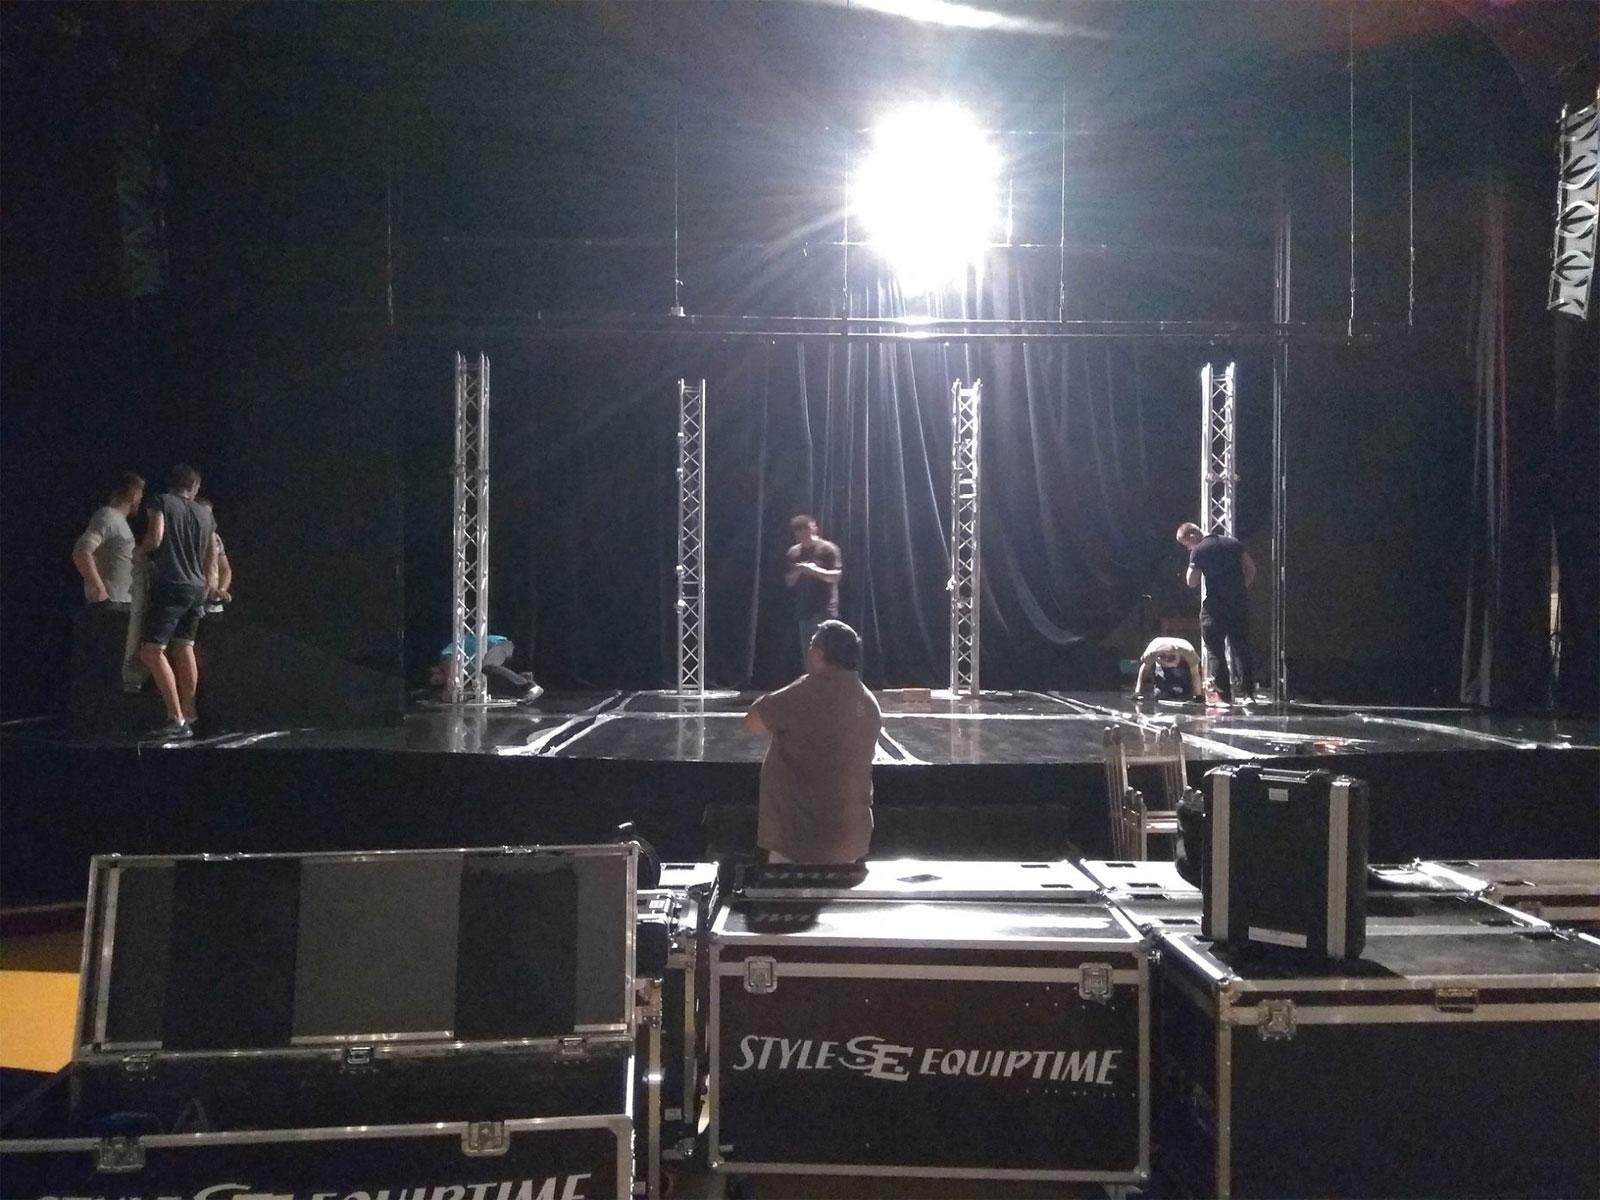 Оборудование светодиодный экран, оборудование для звука, услуга или аренда. Киев, Украина. Компания Эквиптайм